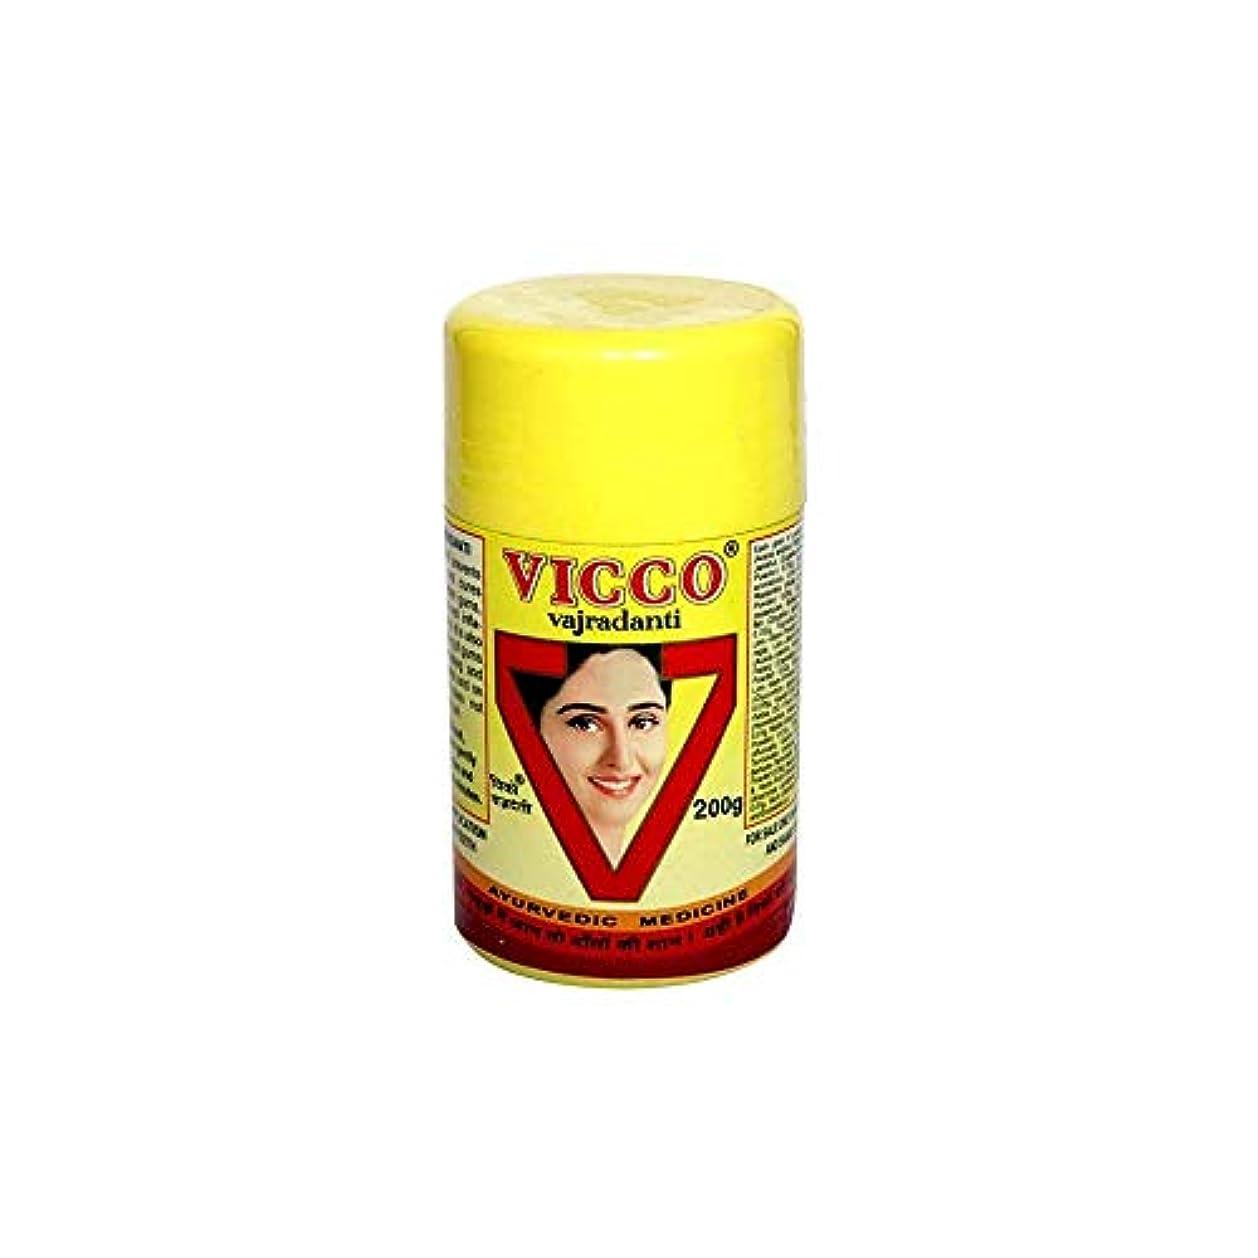 わずらわしいまっすぐラグVicco Vajradanti Ayurvedic Herbal Tooth Powder 200g Prevents Tooth Decay Cures by Vicco Lab